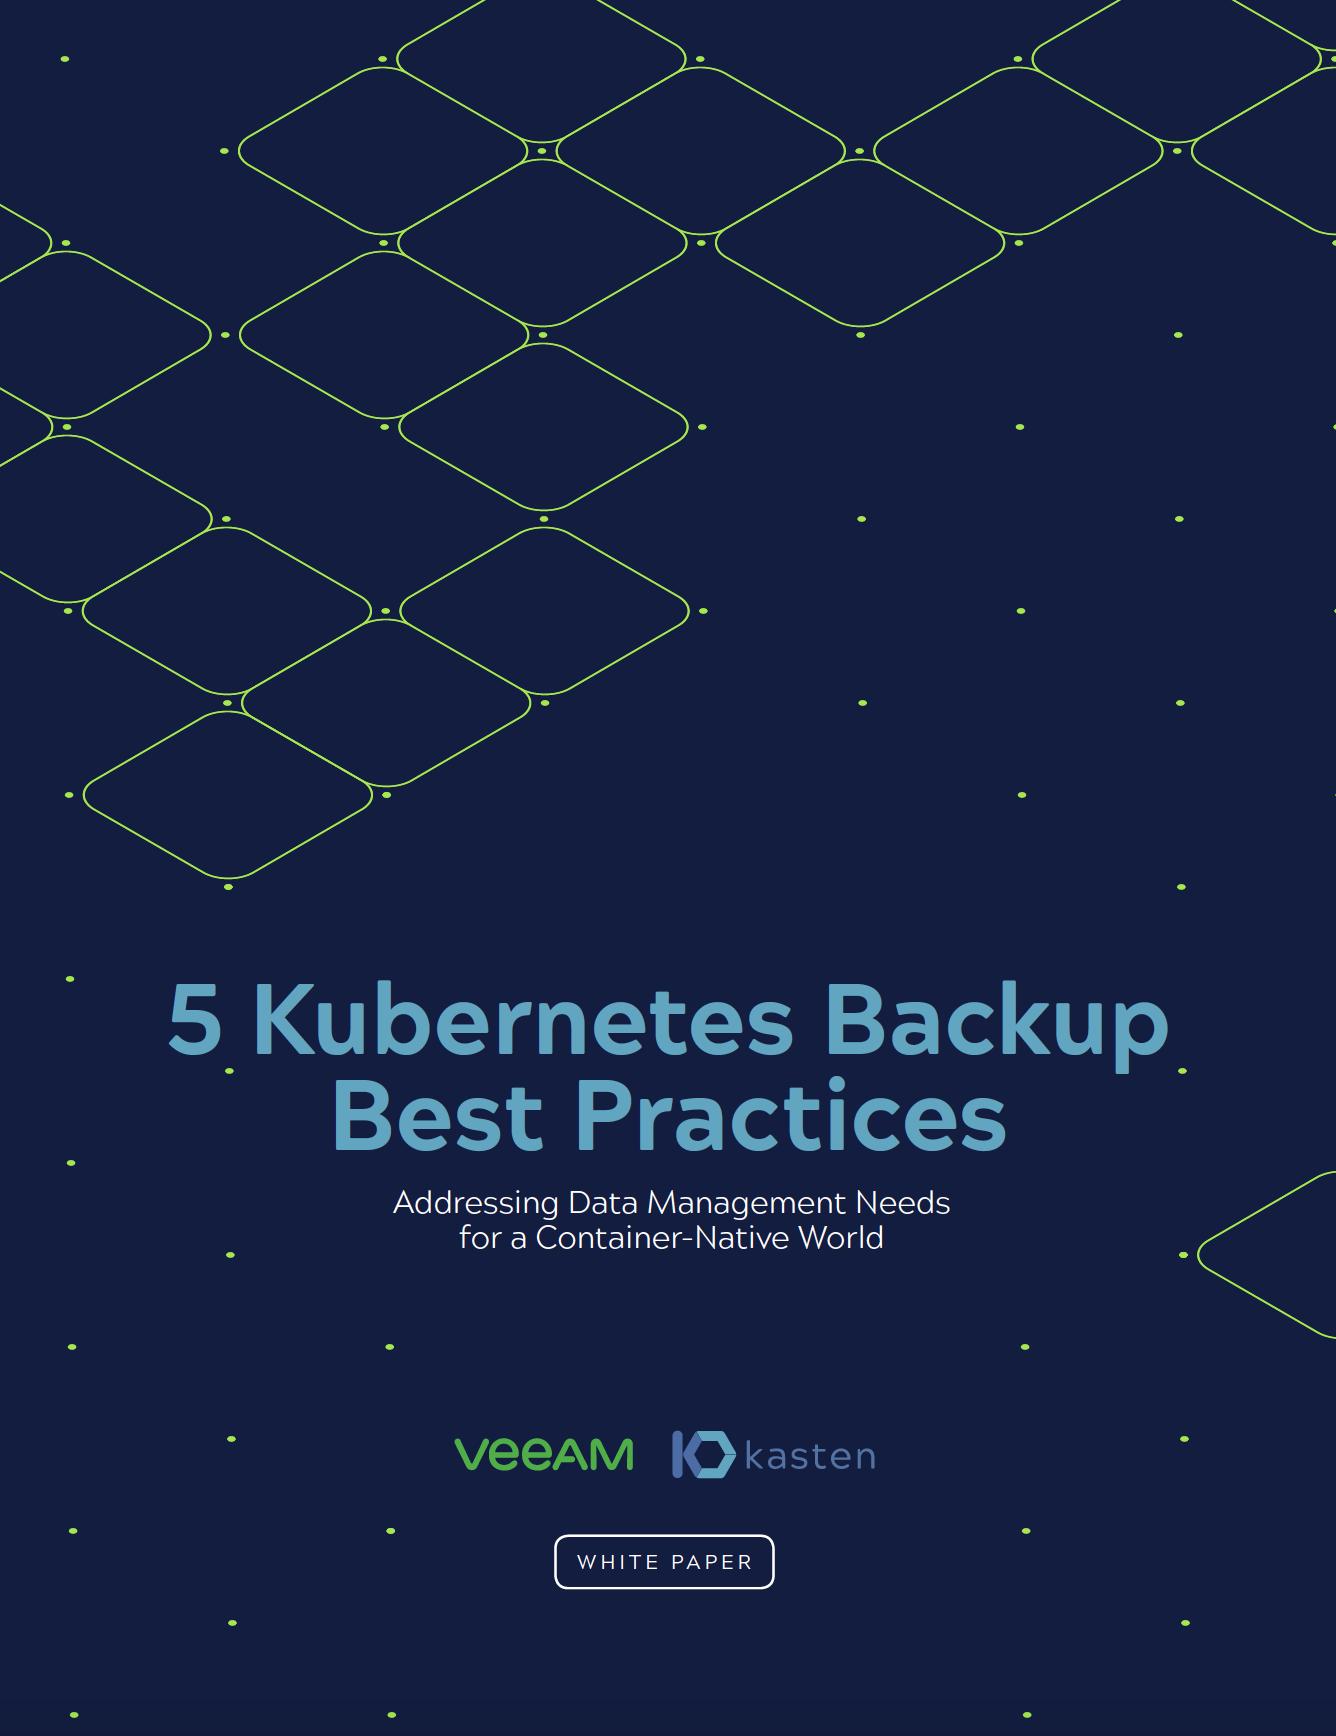 5-Kubernetes-Backup